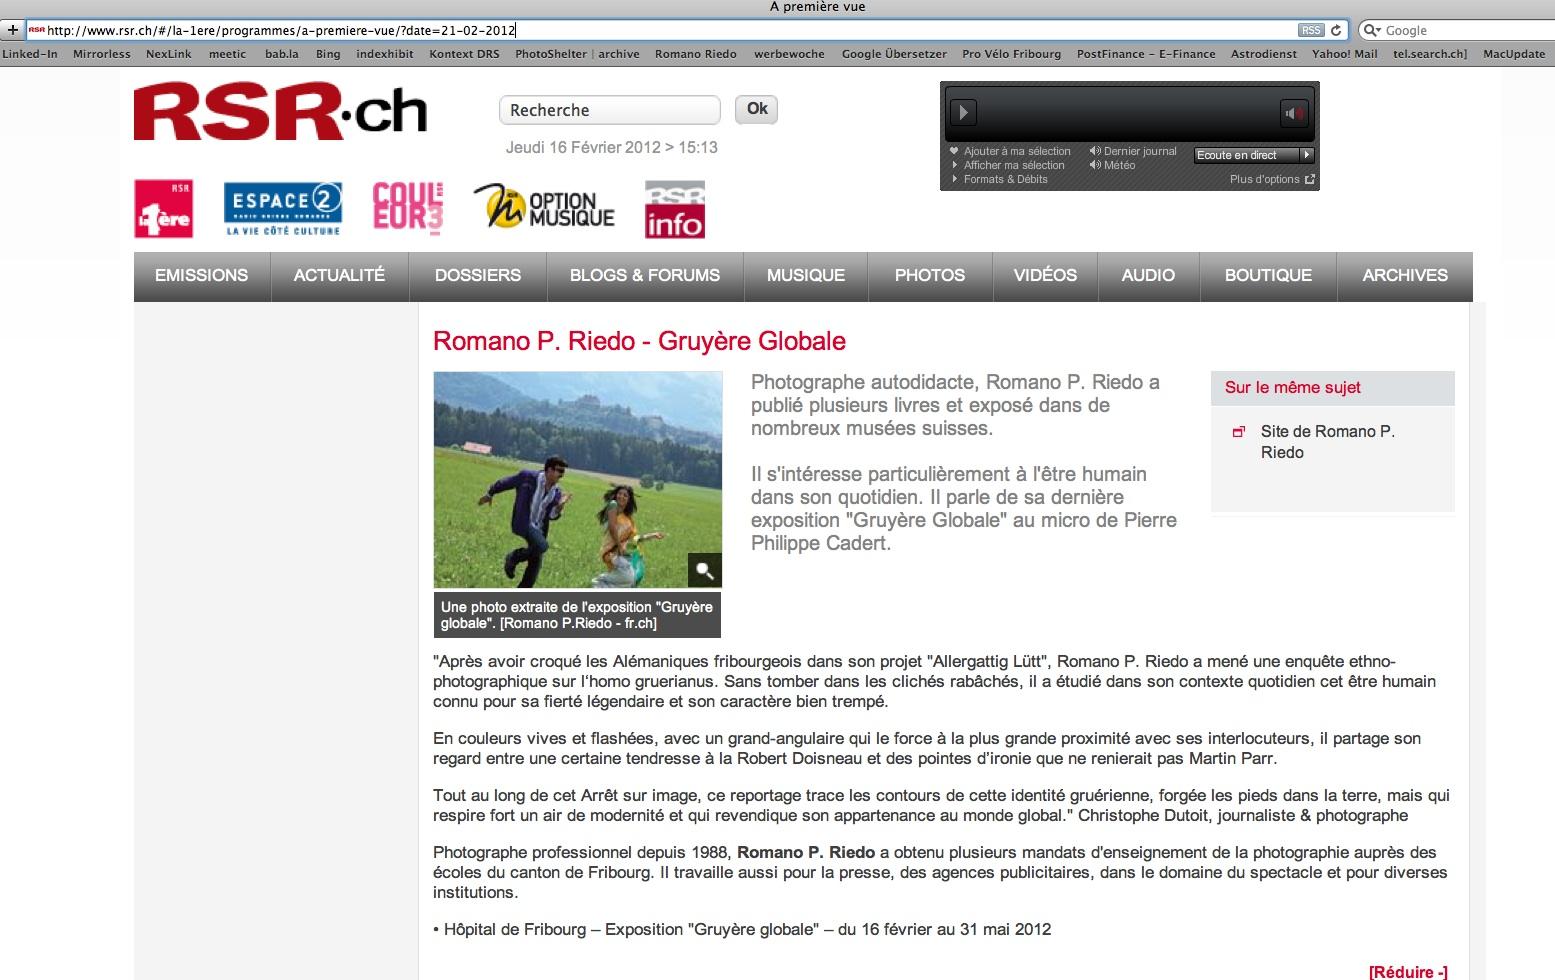 http://www.romanoriedo.ch/files/gimgs/15_a-premiere-vue.jpg